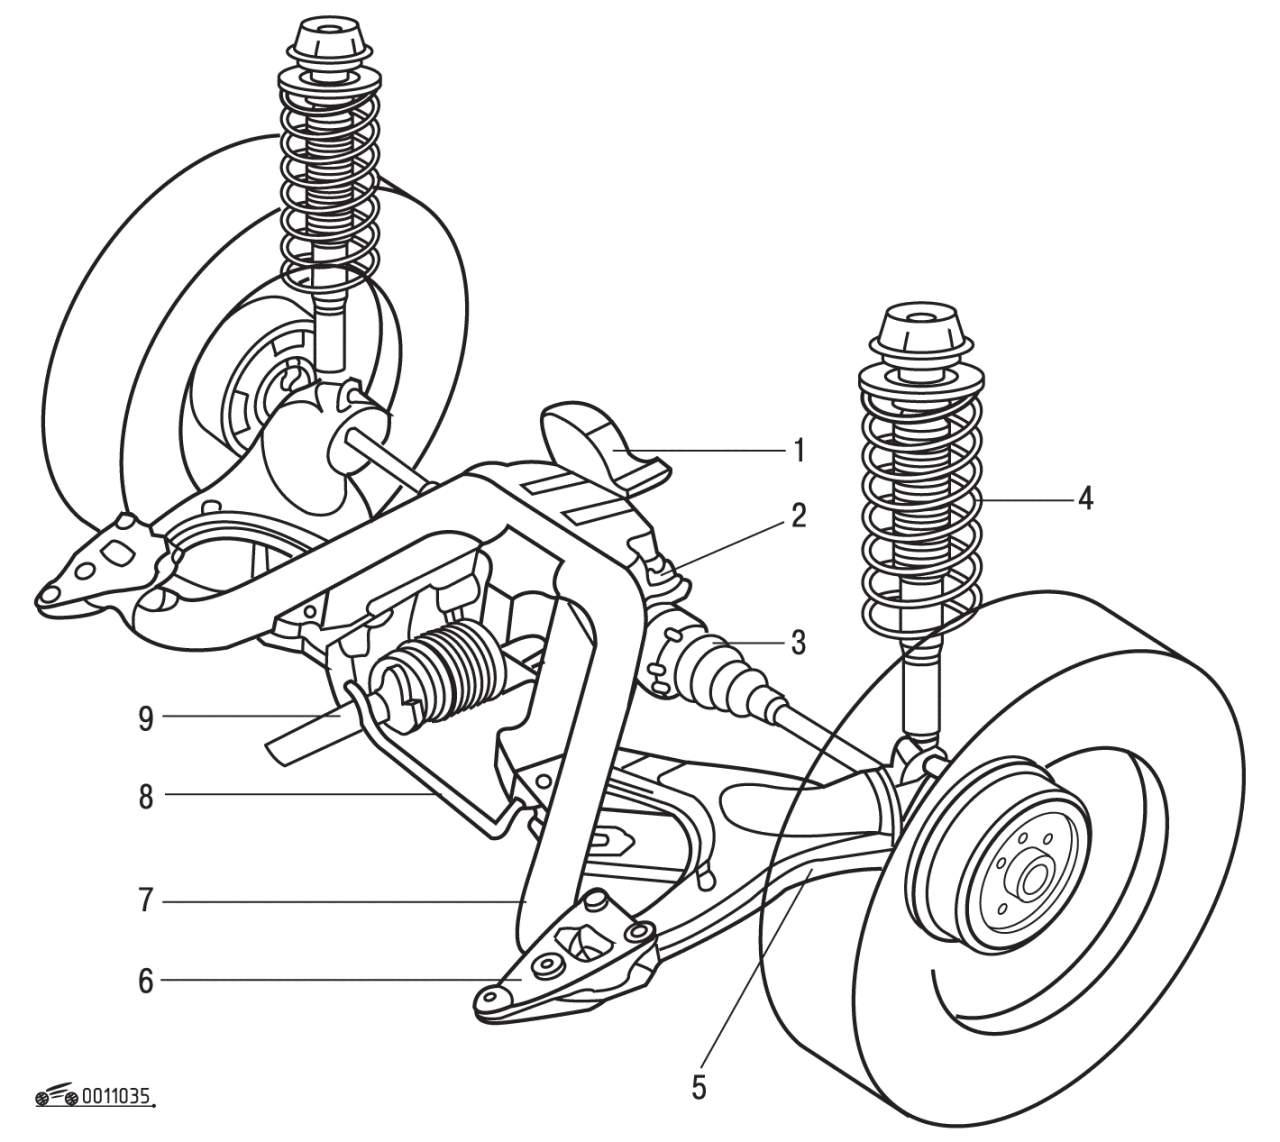 Задняя подвеска полноприводного автомобиля (Syncro